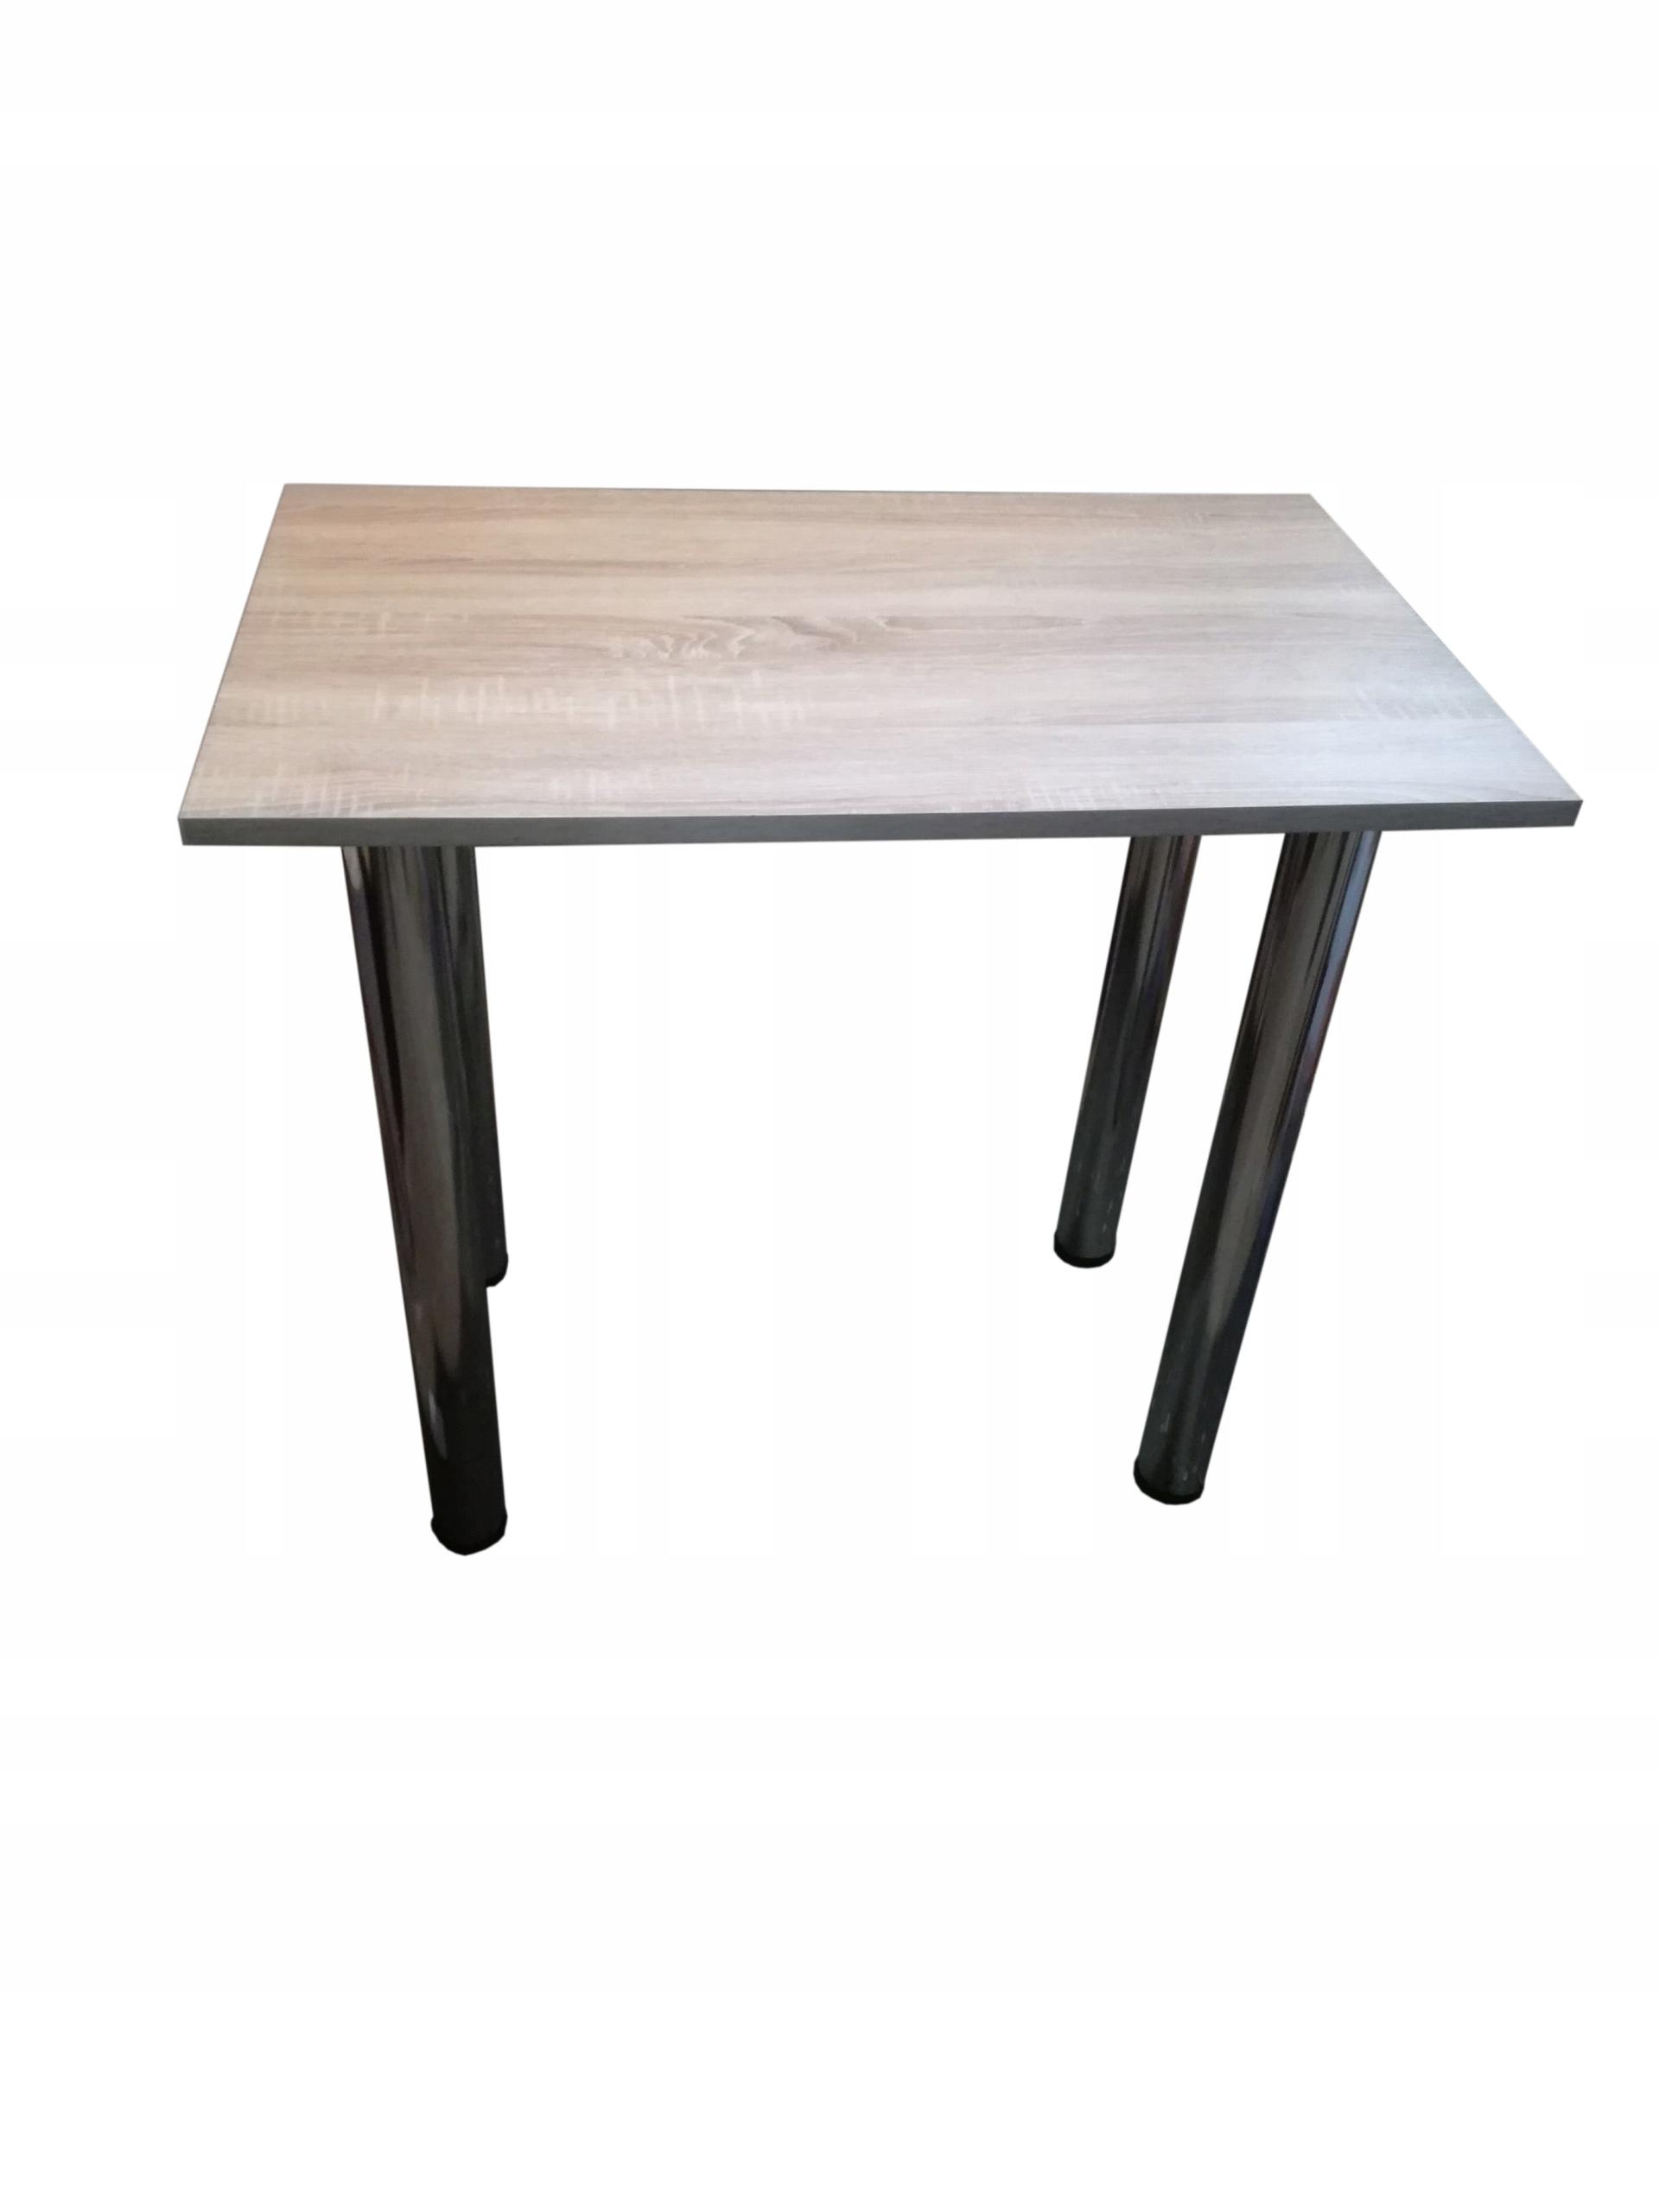 Kuchynský stôl 70x70cm 9 farieb úprava+darčeky zadarmo